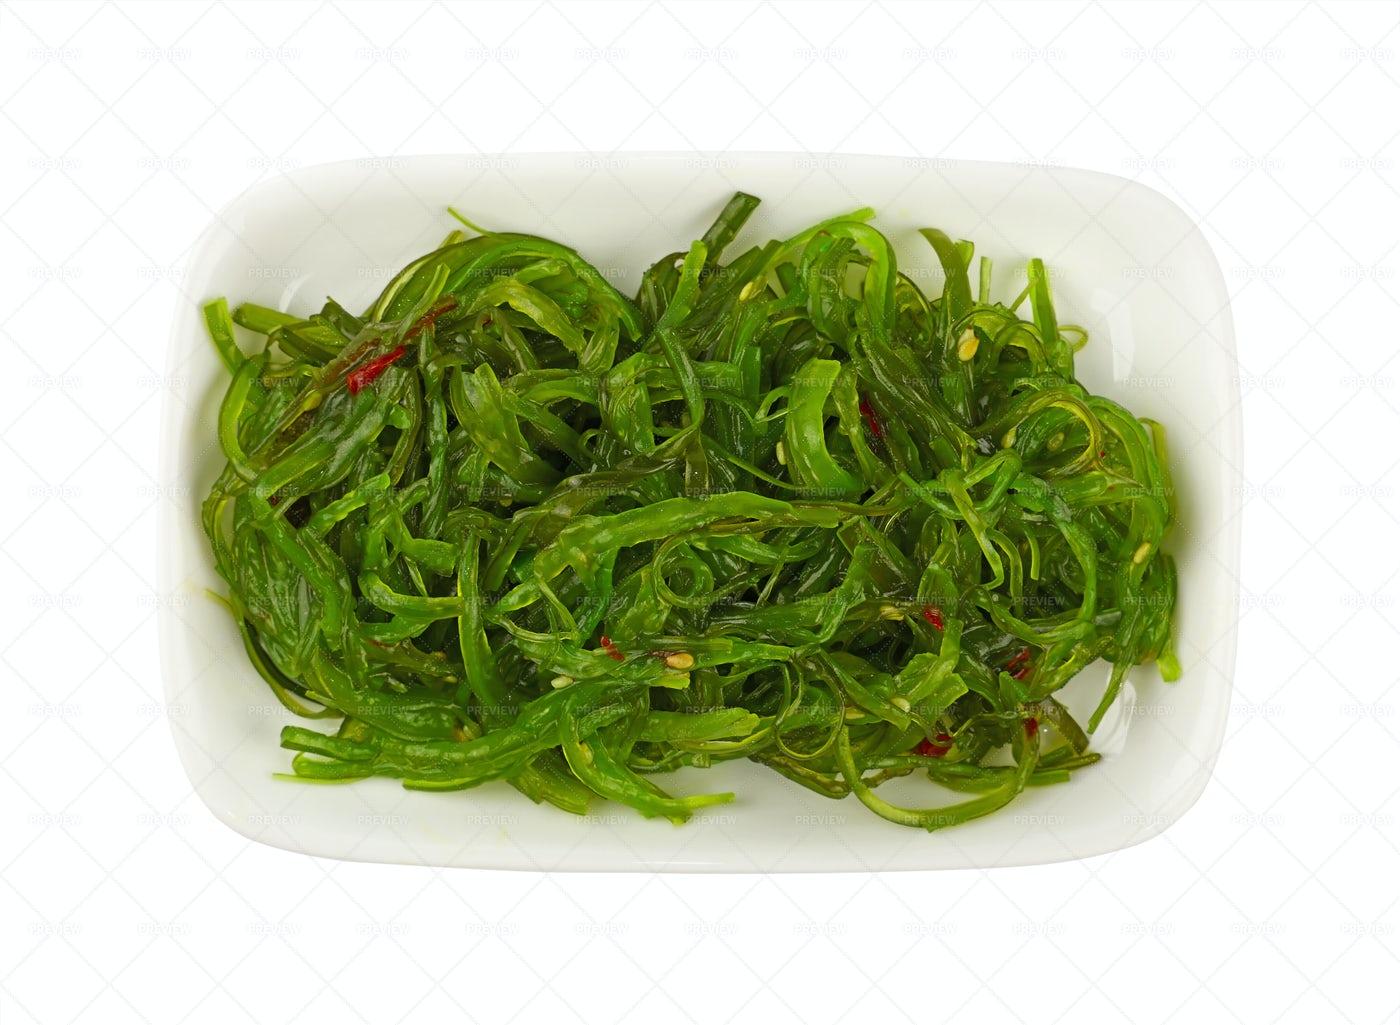 Green Wakame Seaweeds: Stock Photos